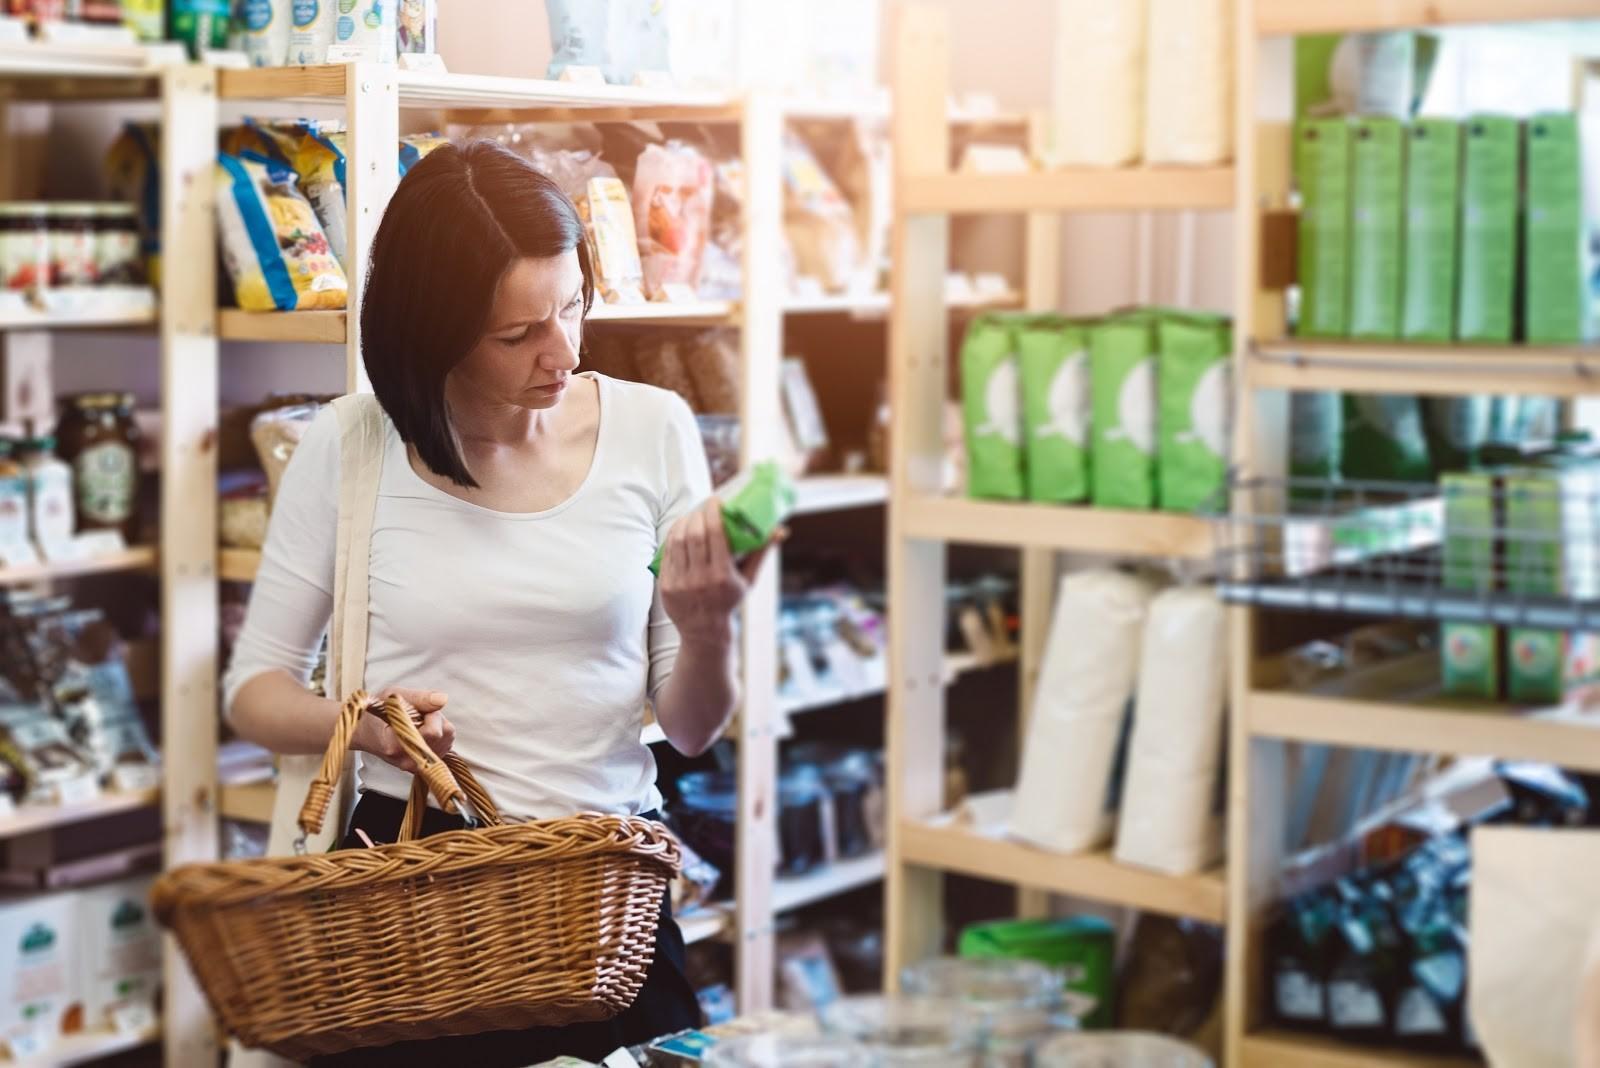 Etichetarea produselor alimentare si nealimentare – Ce trebuie sa contina eticheta si care sunt prevederile legale in vigoare